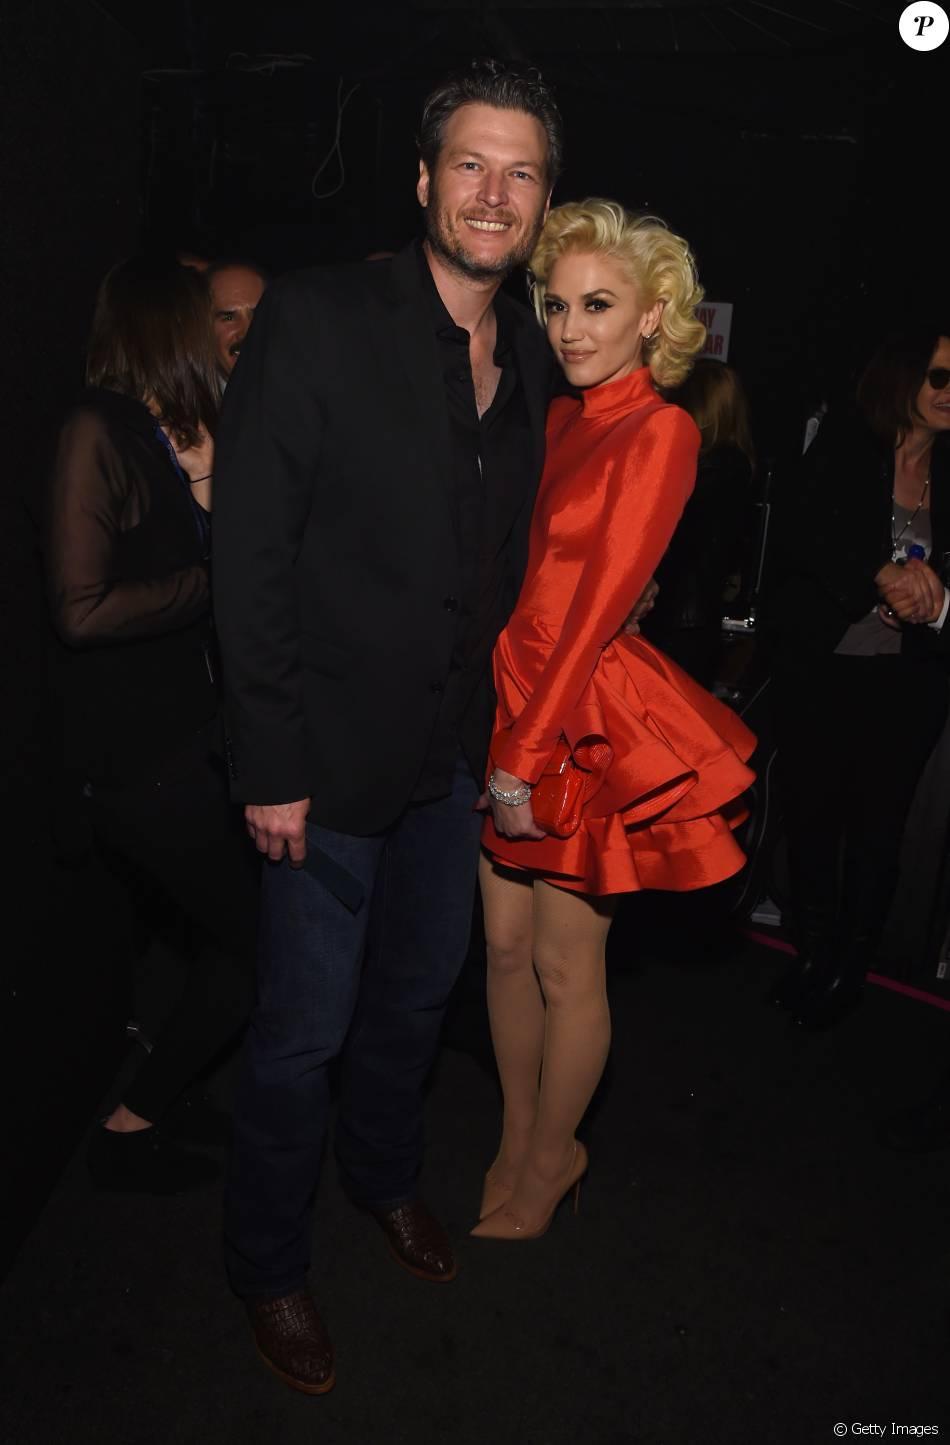 Is Blake Shelton Still Dating Gwen Stefani